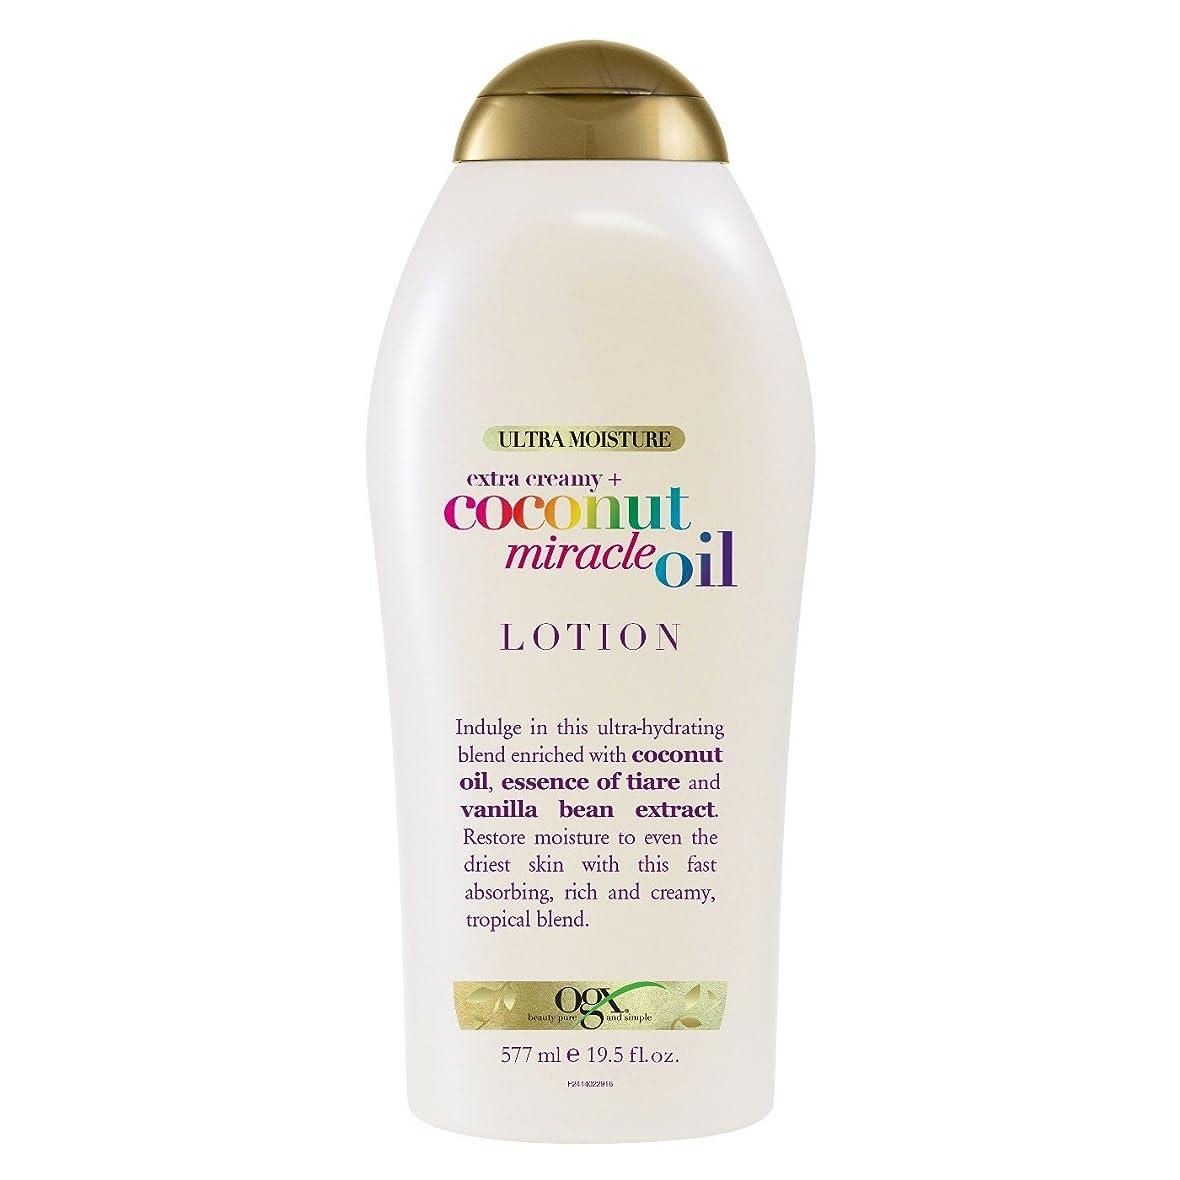 状態拡大する社会主義OGX ミラクル ココナッツ オイル ボディローション Body Lotion Coconut Oil Miracle 19.5 Ounce (577ml) [並行輸入品]